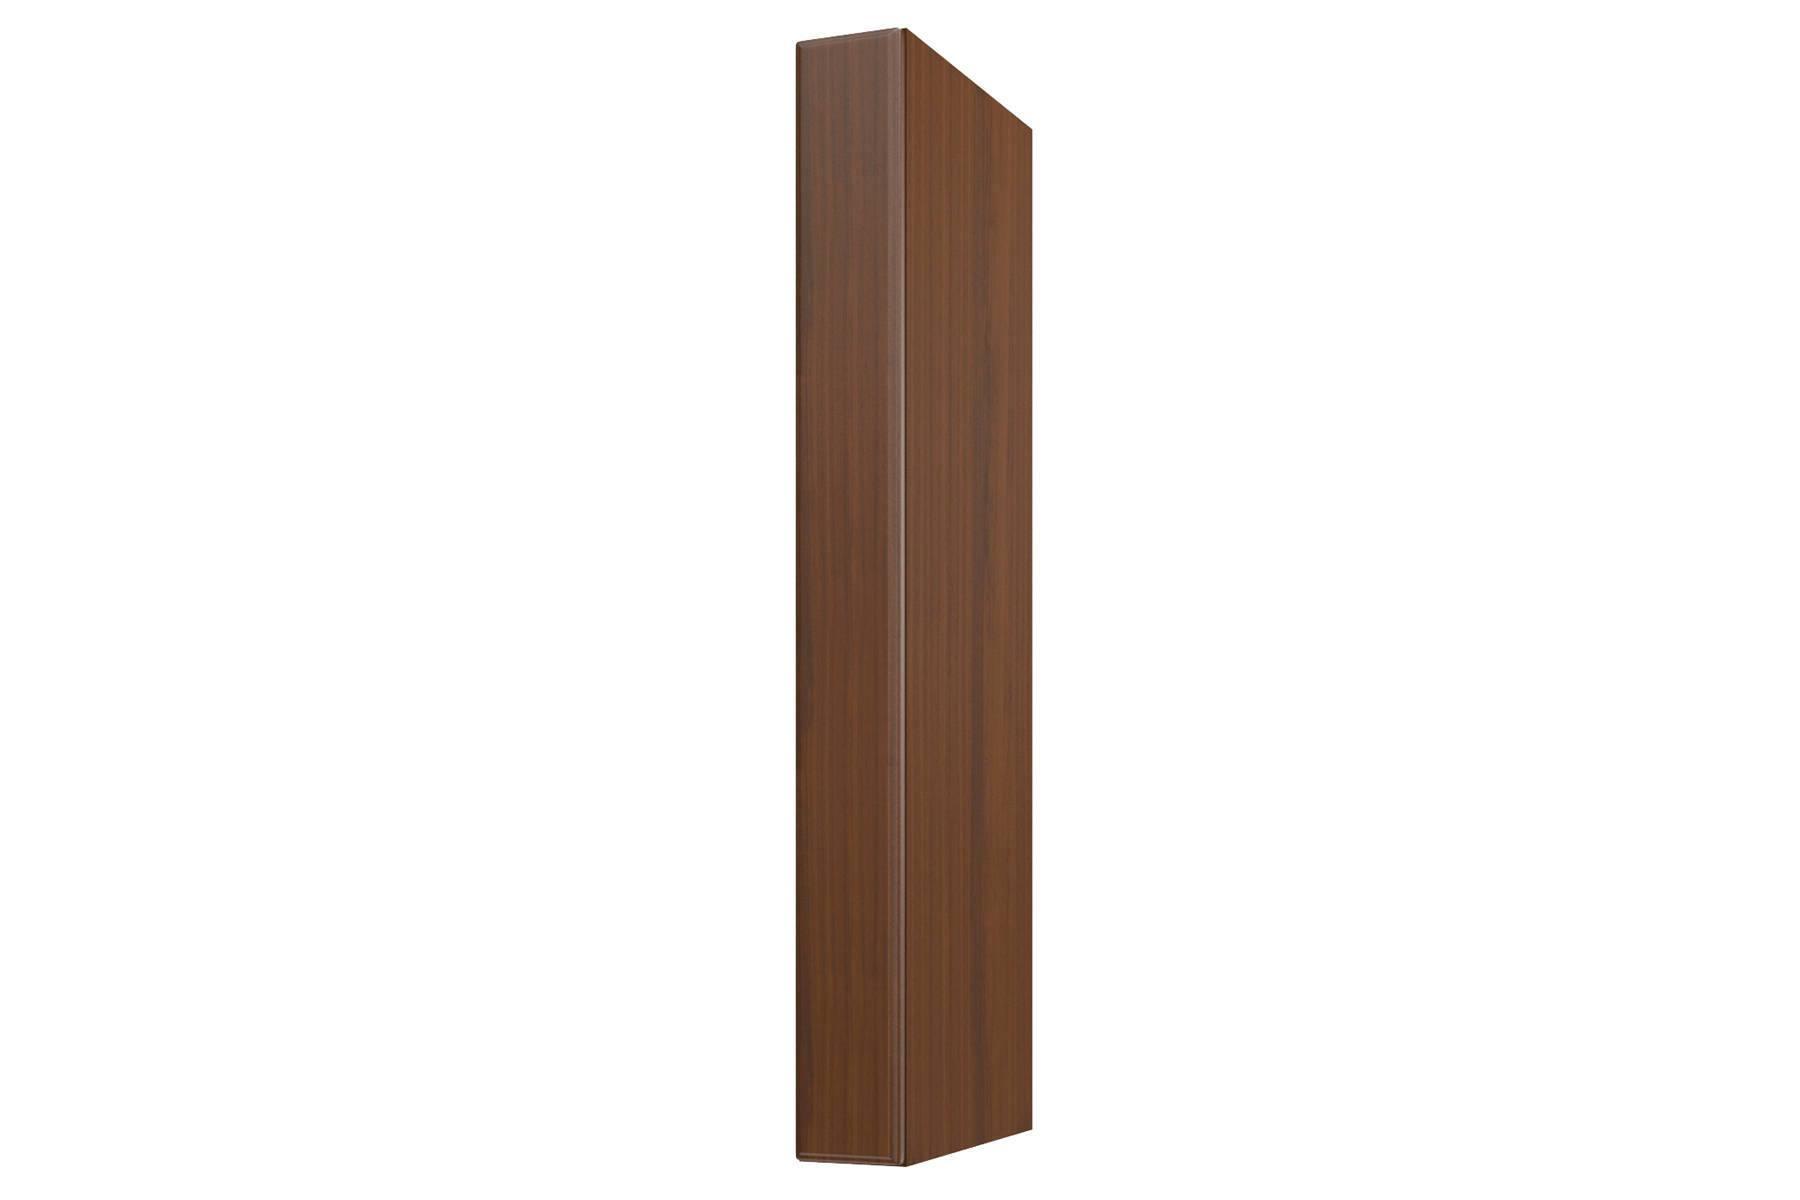 Равенна шкаф вставка размерная 10, H96